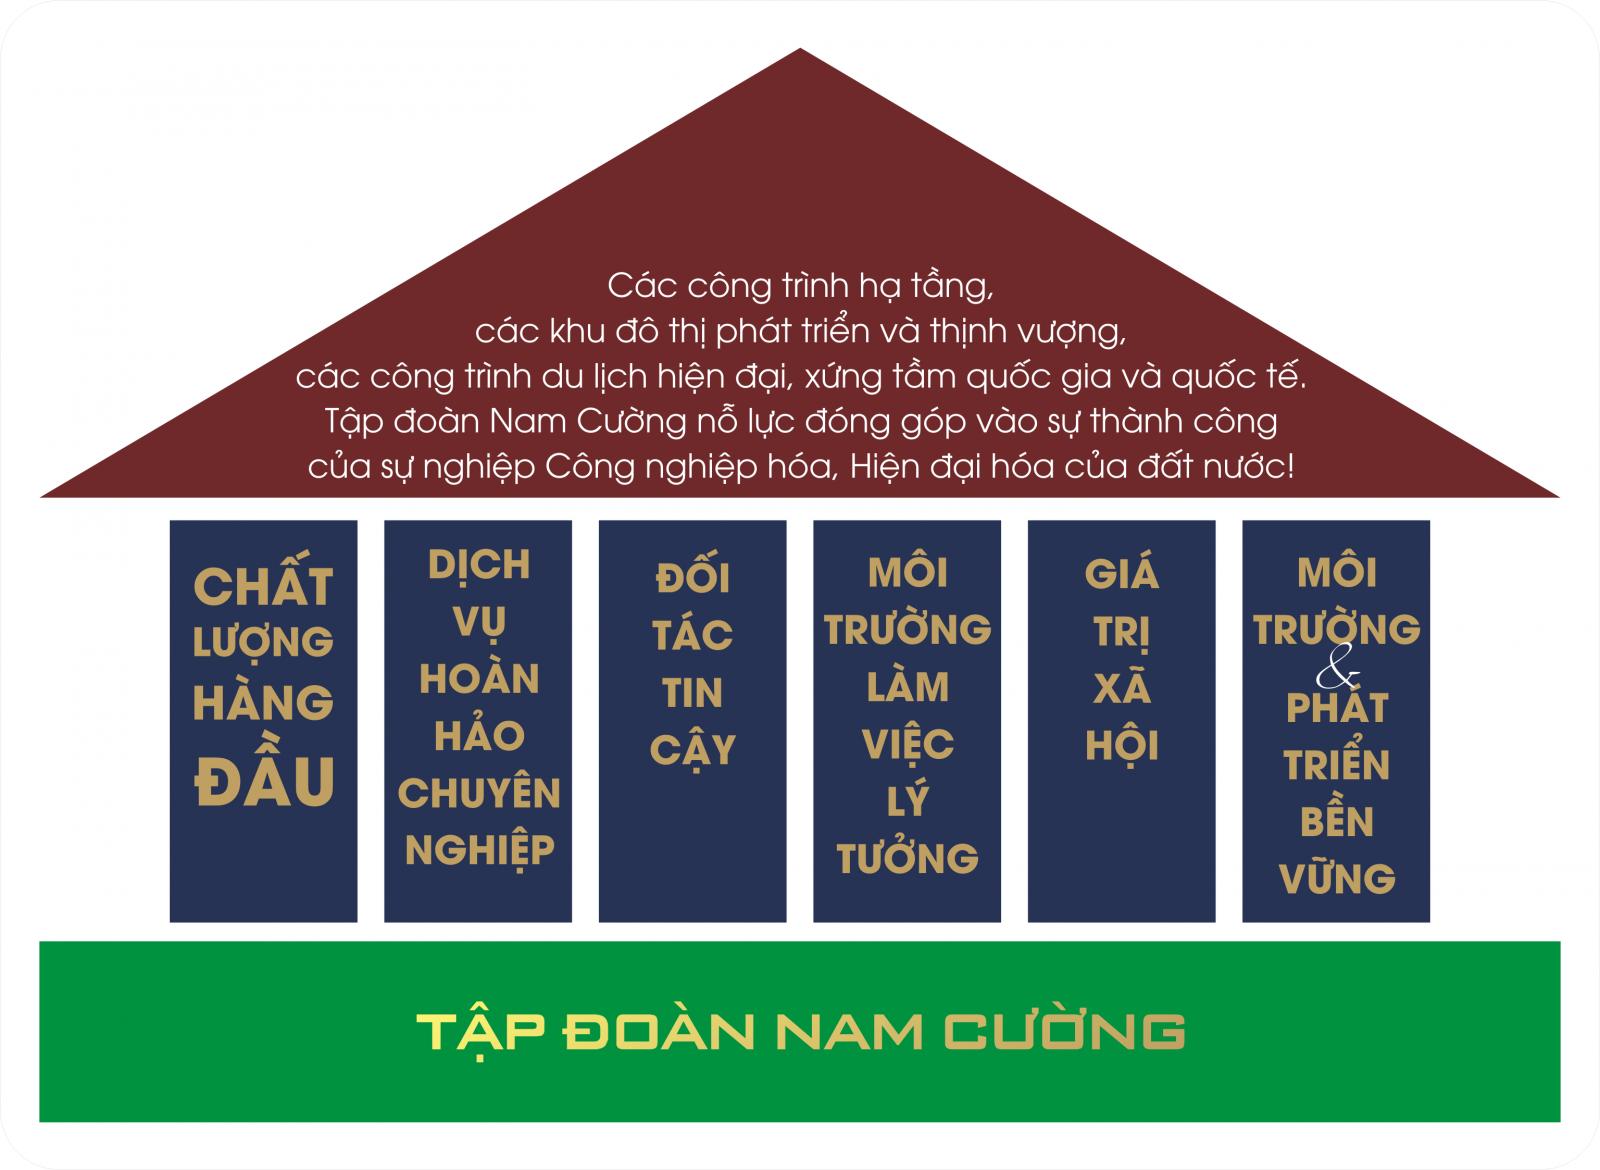 Tầm nhìn sứ mệnh của Tập đoàn Nam Cường